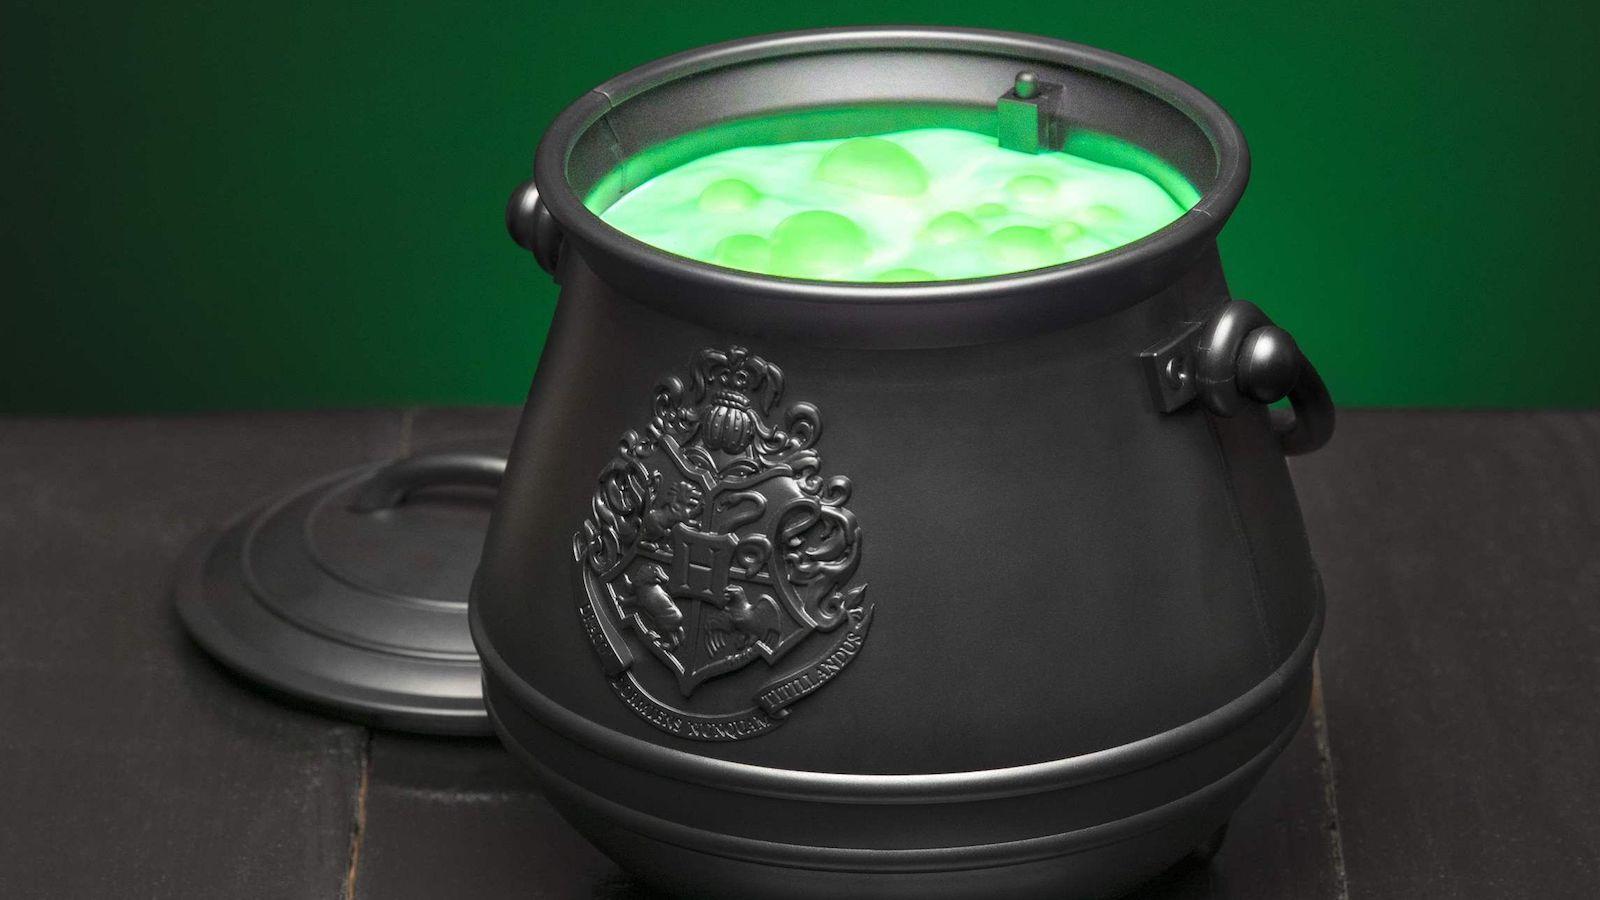 Paladone Harry Potter Cauldron Light contains a magical color-changing concoction